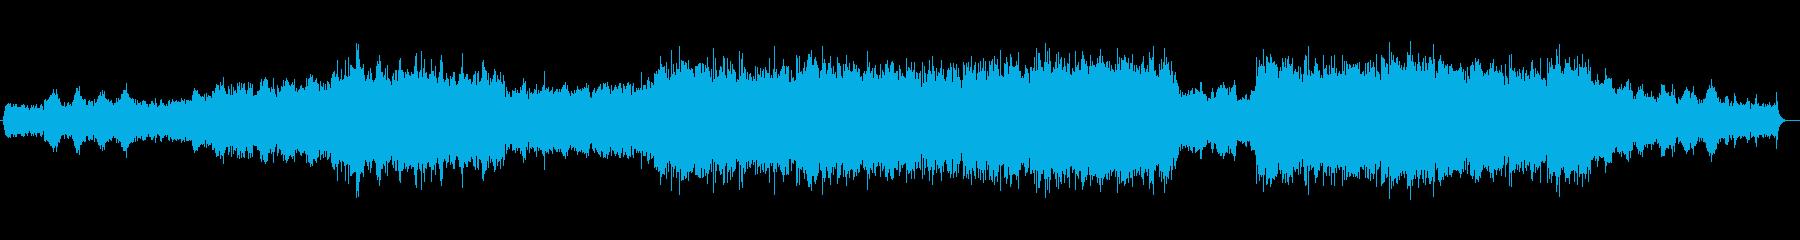 対流圏(サイクロン・エリア)の再生済みの波形